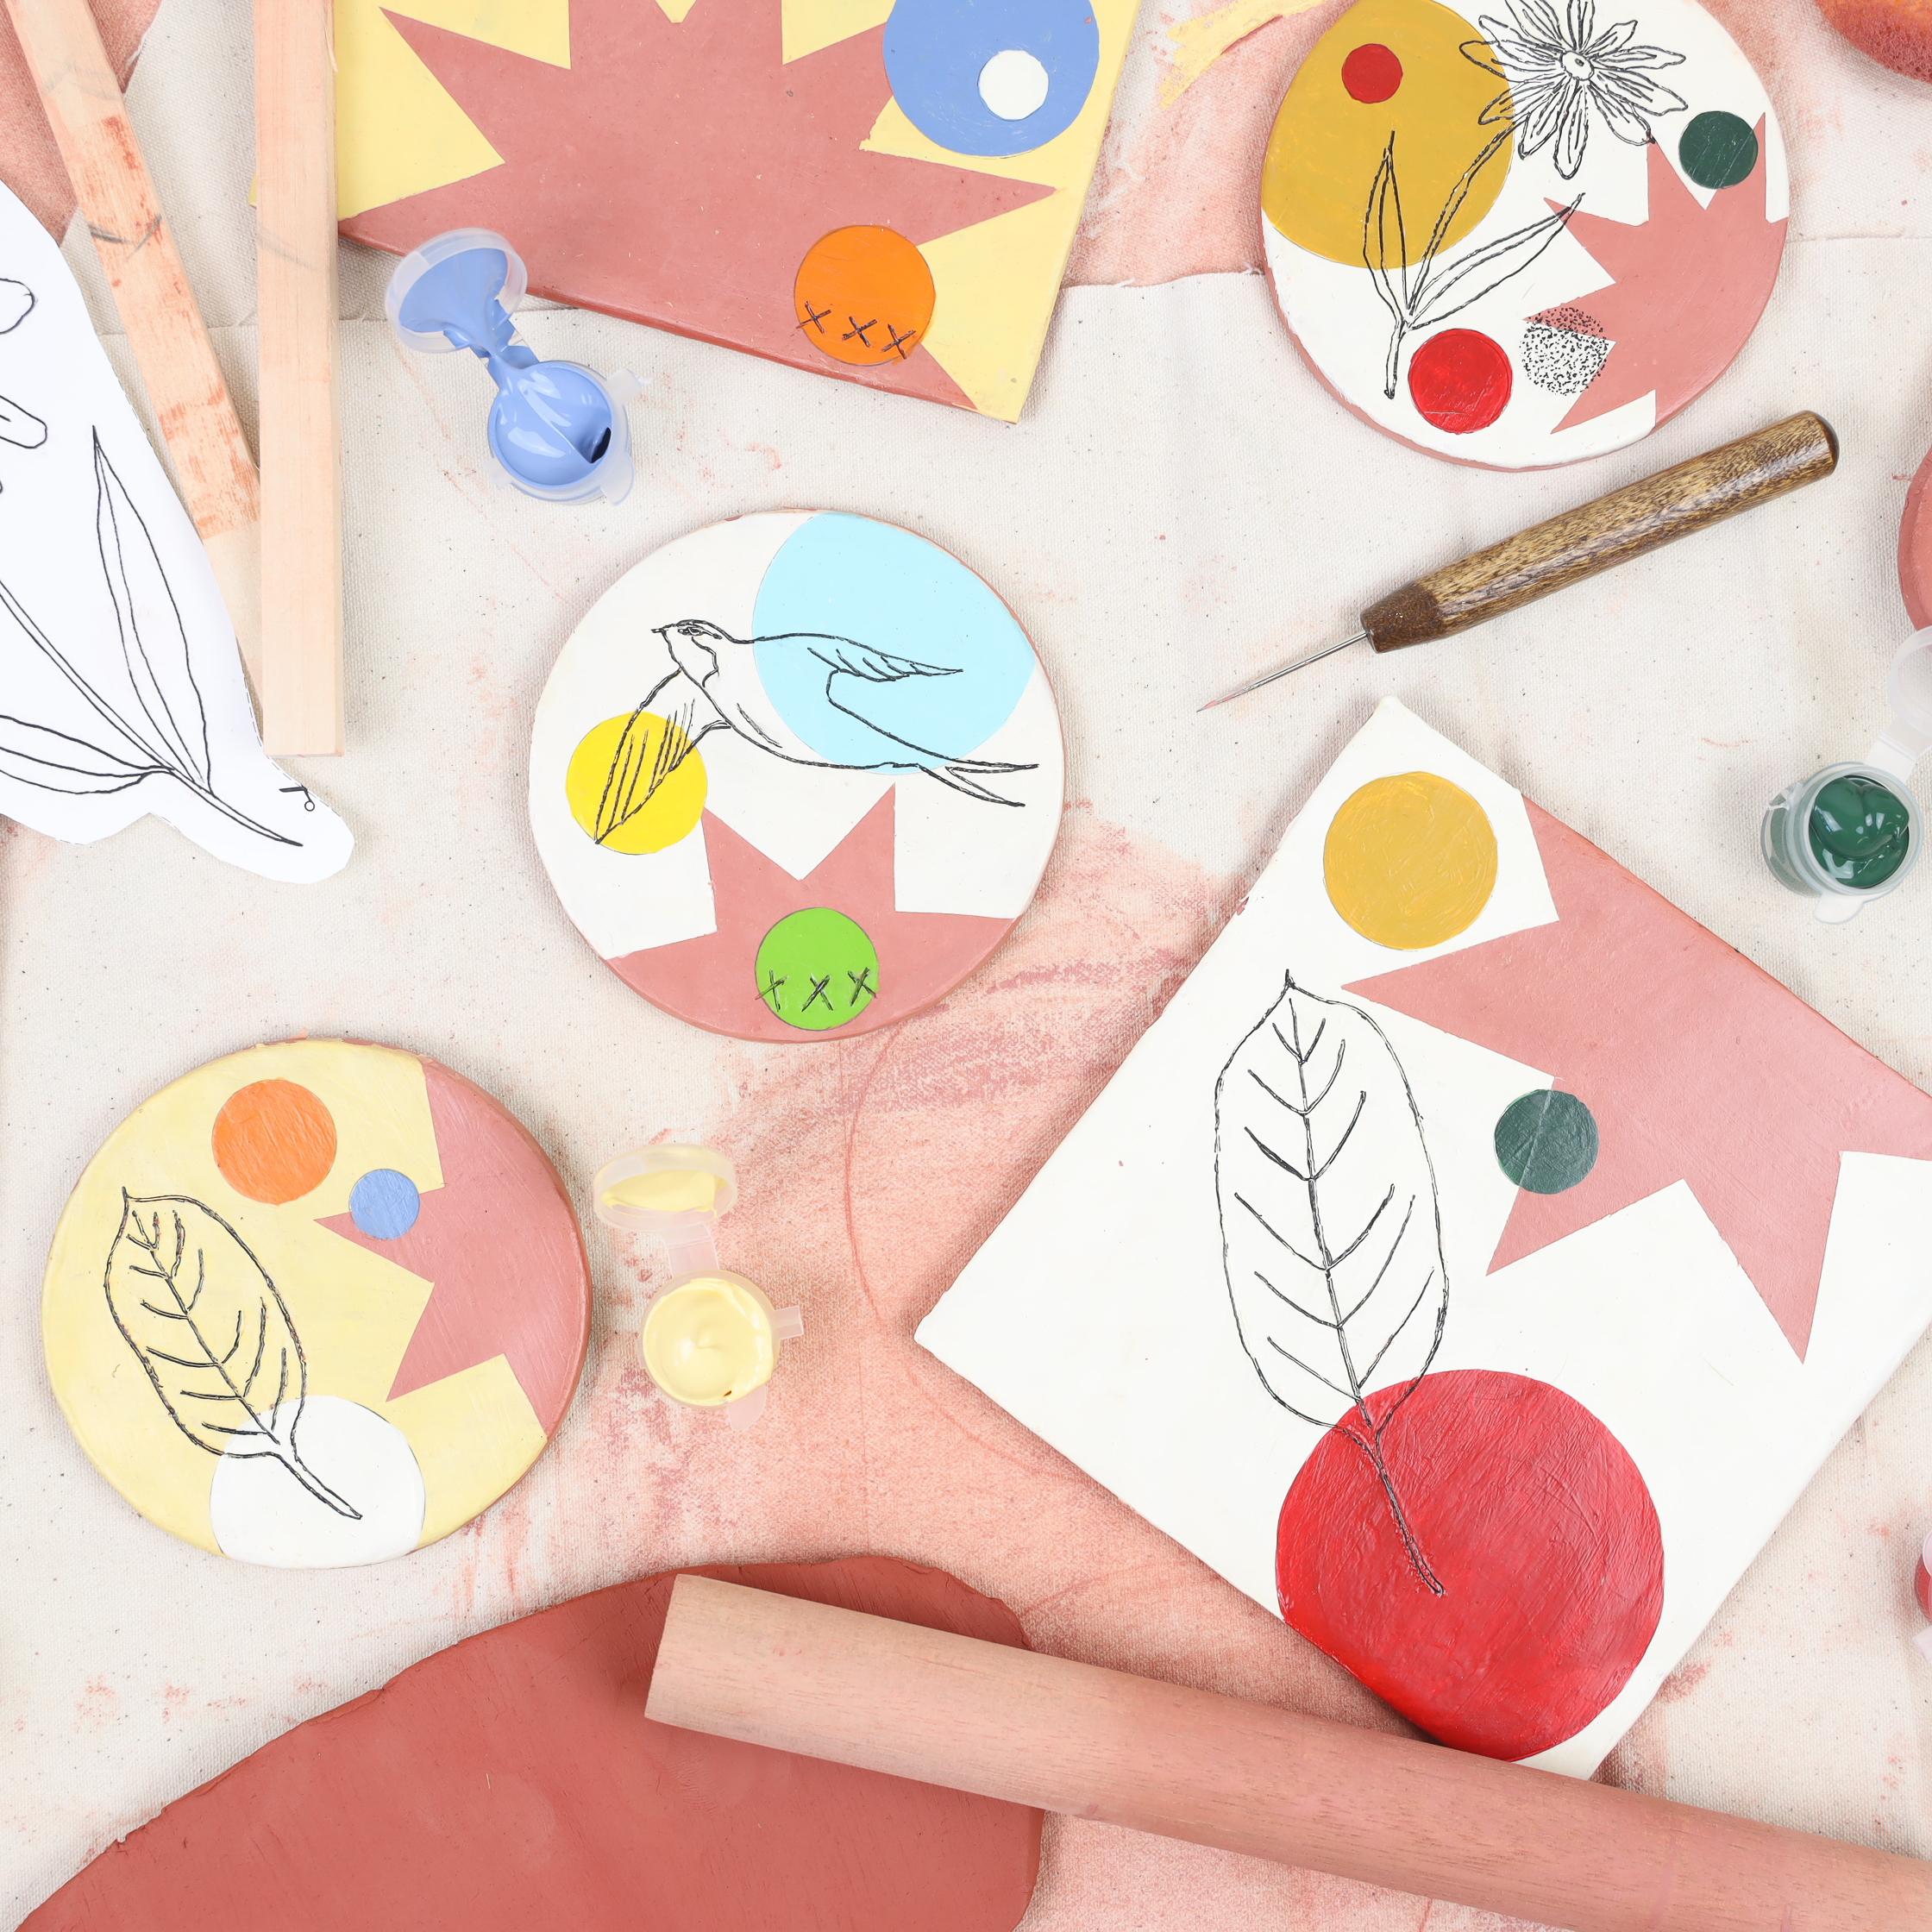 Clay Kits by Diana Fayt